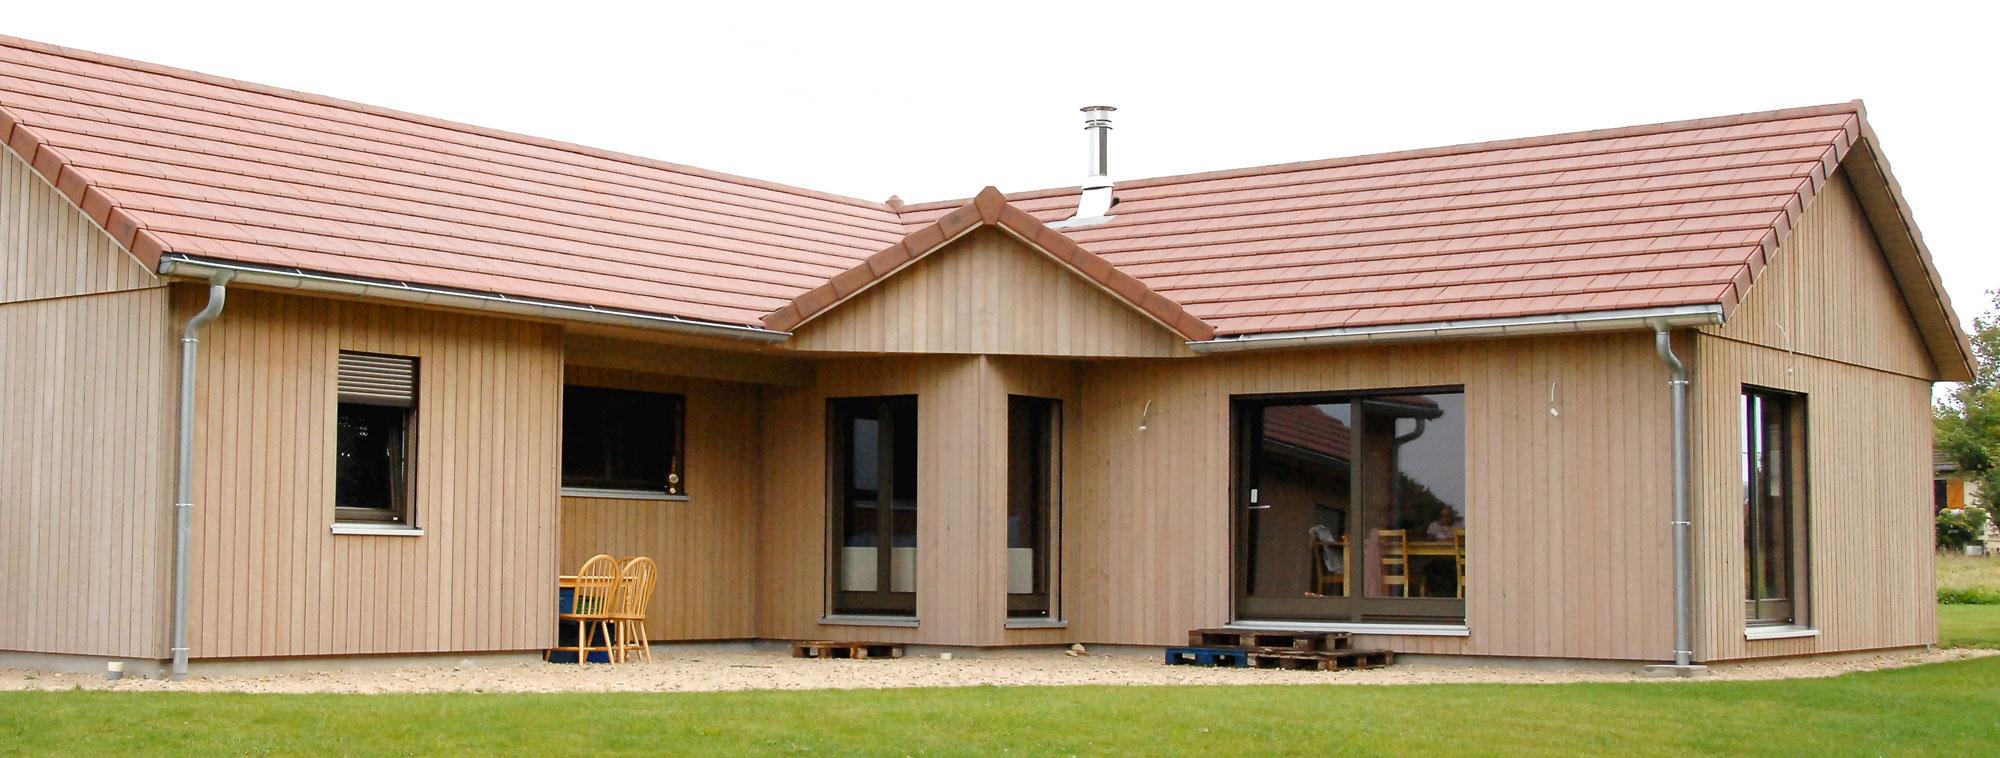 Maisons bole richard construction bois en franche comt bole richard for Construction bois en franche comte